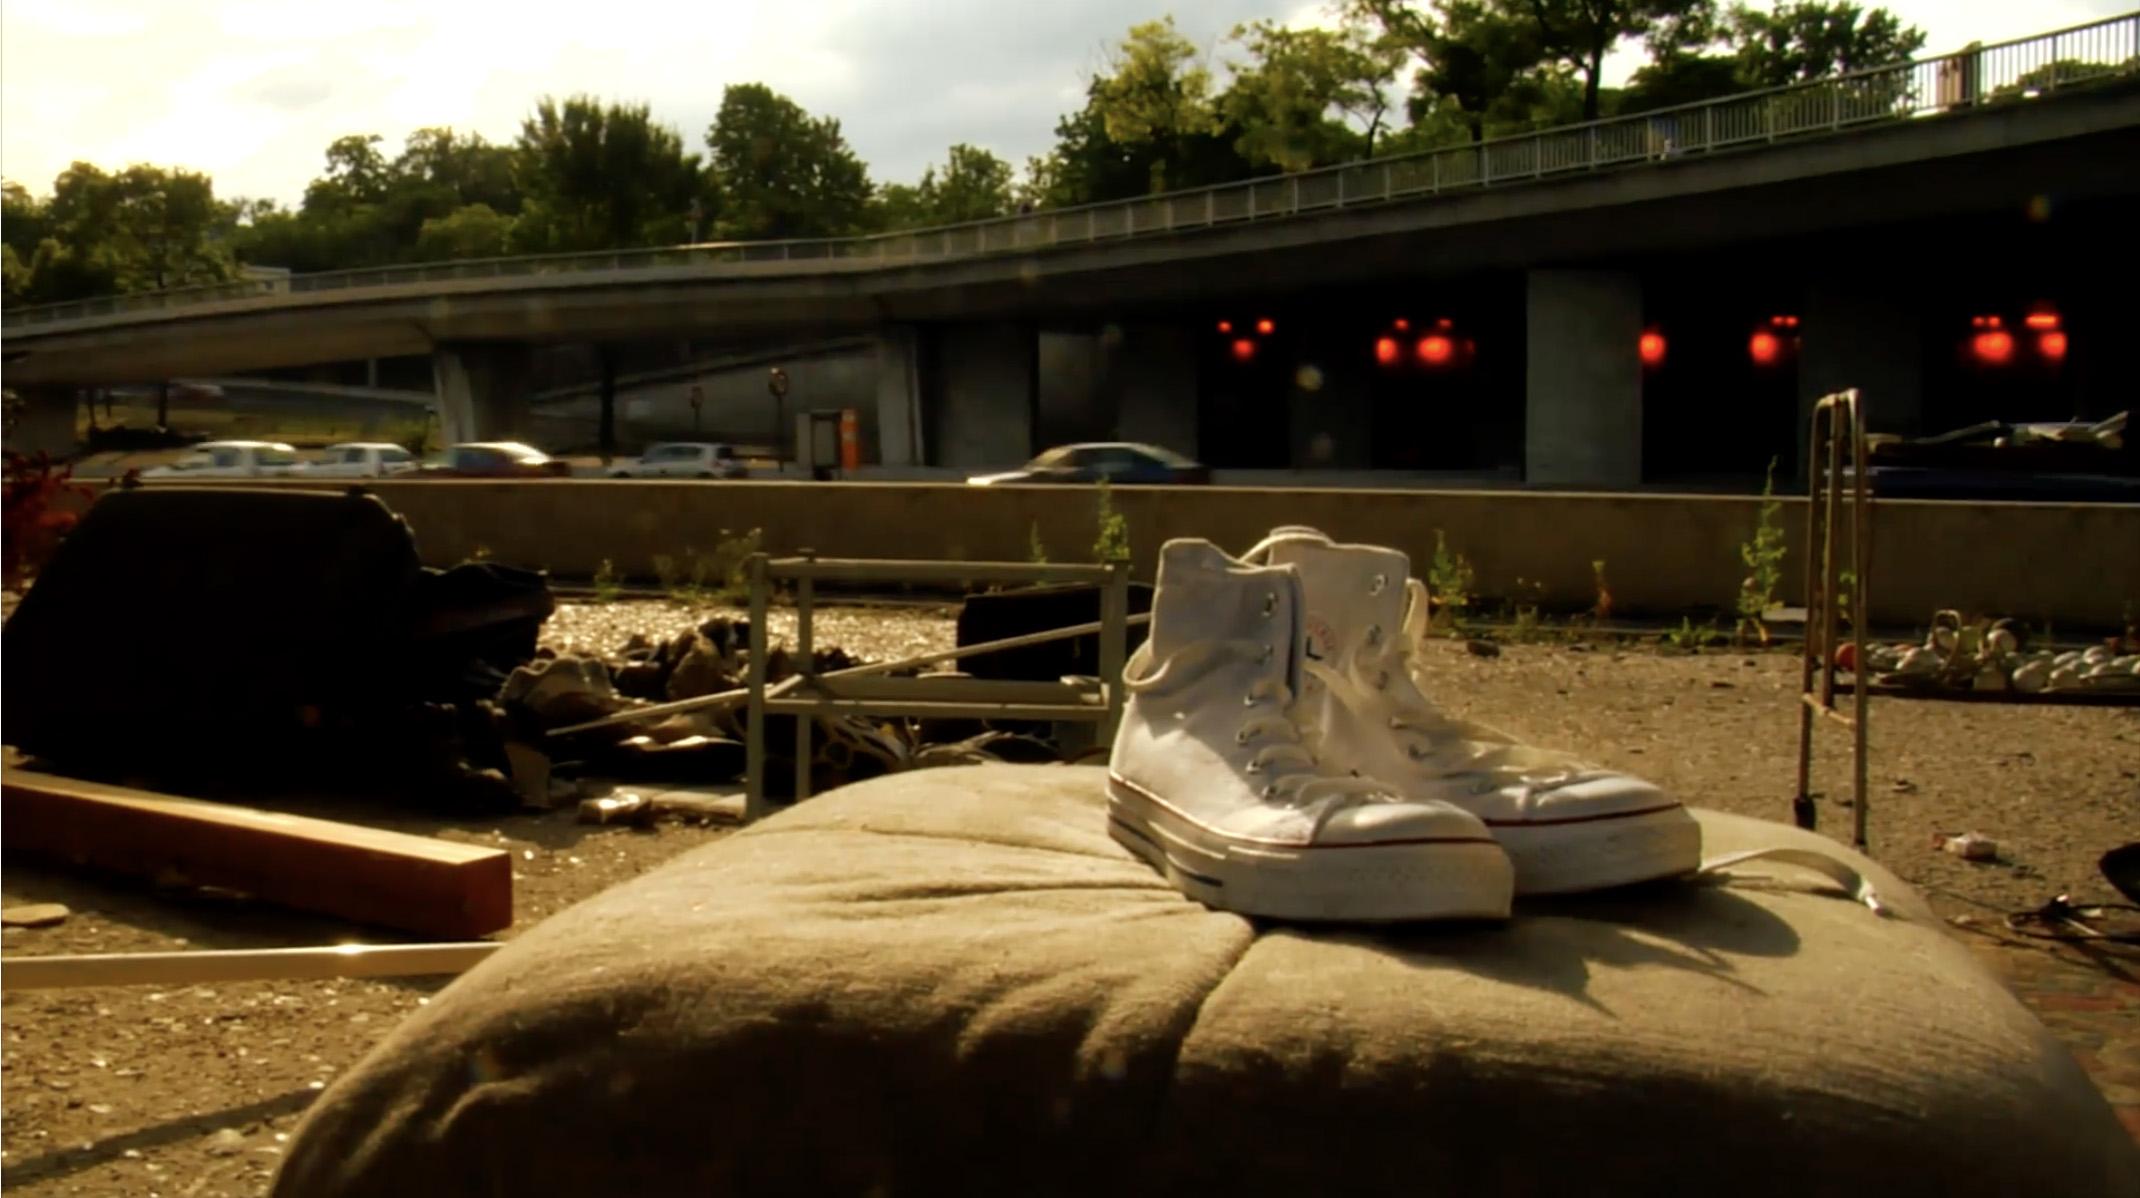 Mauvaise influence - Florent ALIAS - 2009